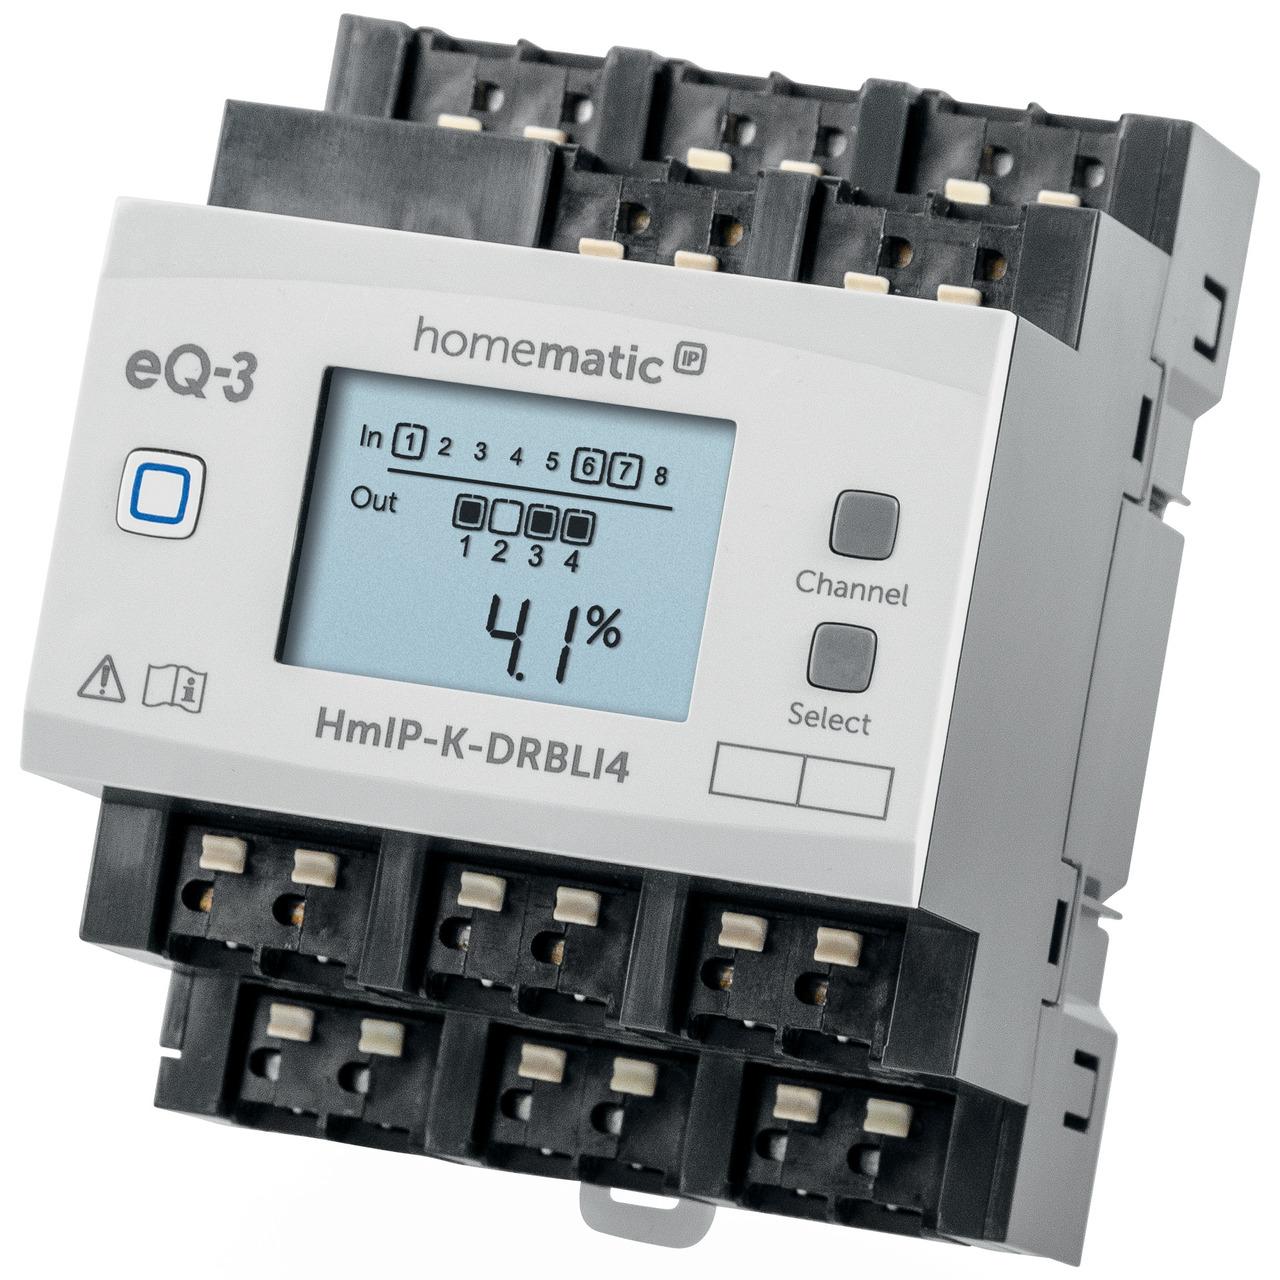 ELV Homematic IP Bausatz 4fach Jalousie-Rollladenaktor für Hutschienenmontage HmIP-K-DRBLI4